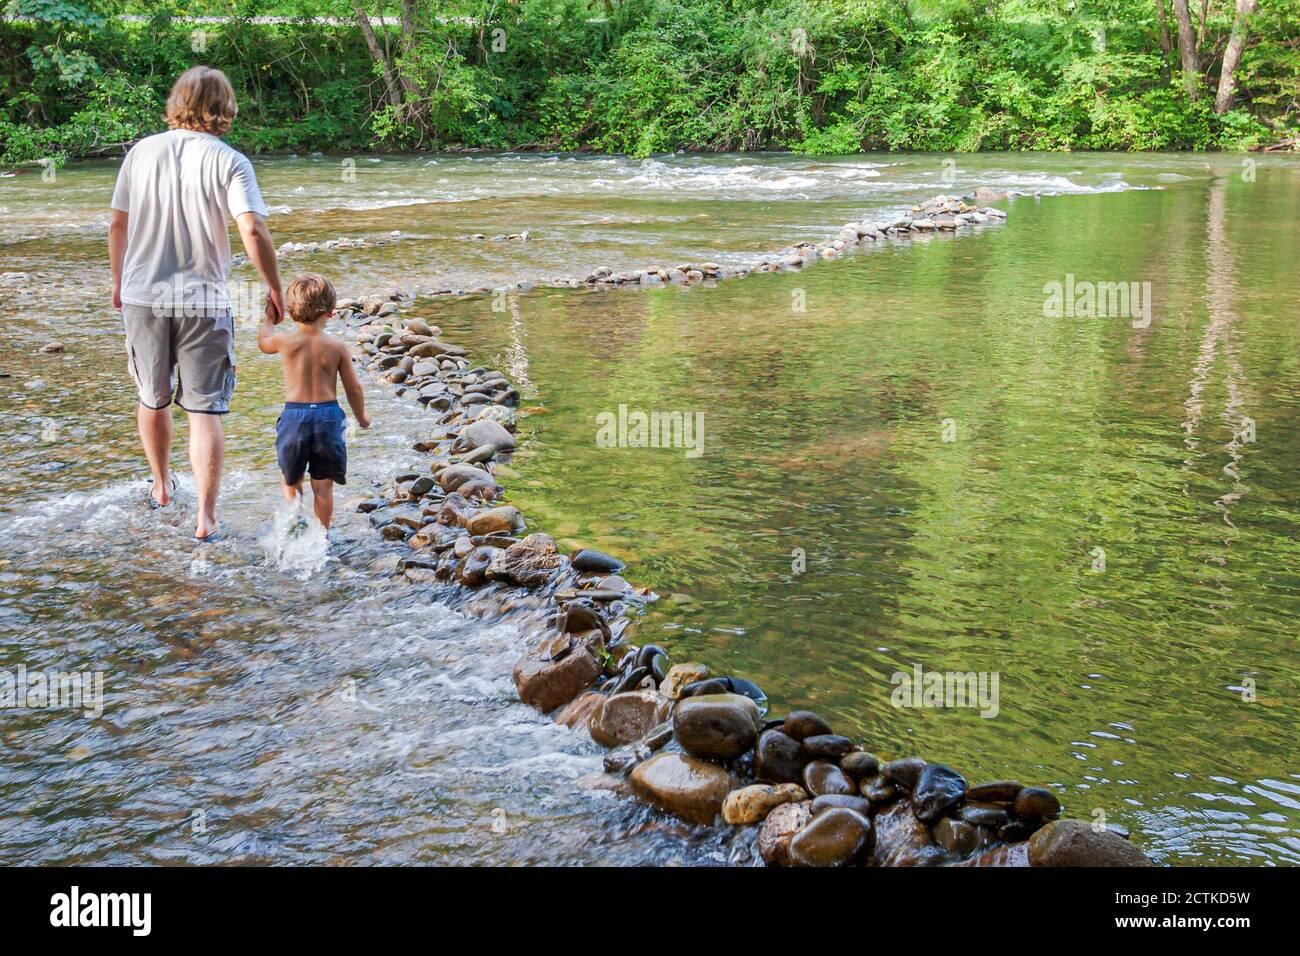 Tennessee Great Smoky Mountains National Park, père père parent parents fils garçon passage à gué, Little River eau peu profonde tenant les mains, Américains Banque D'Images